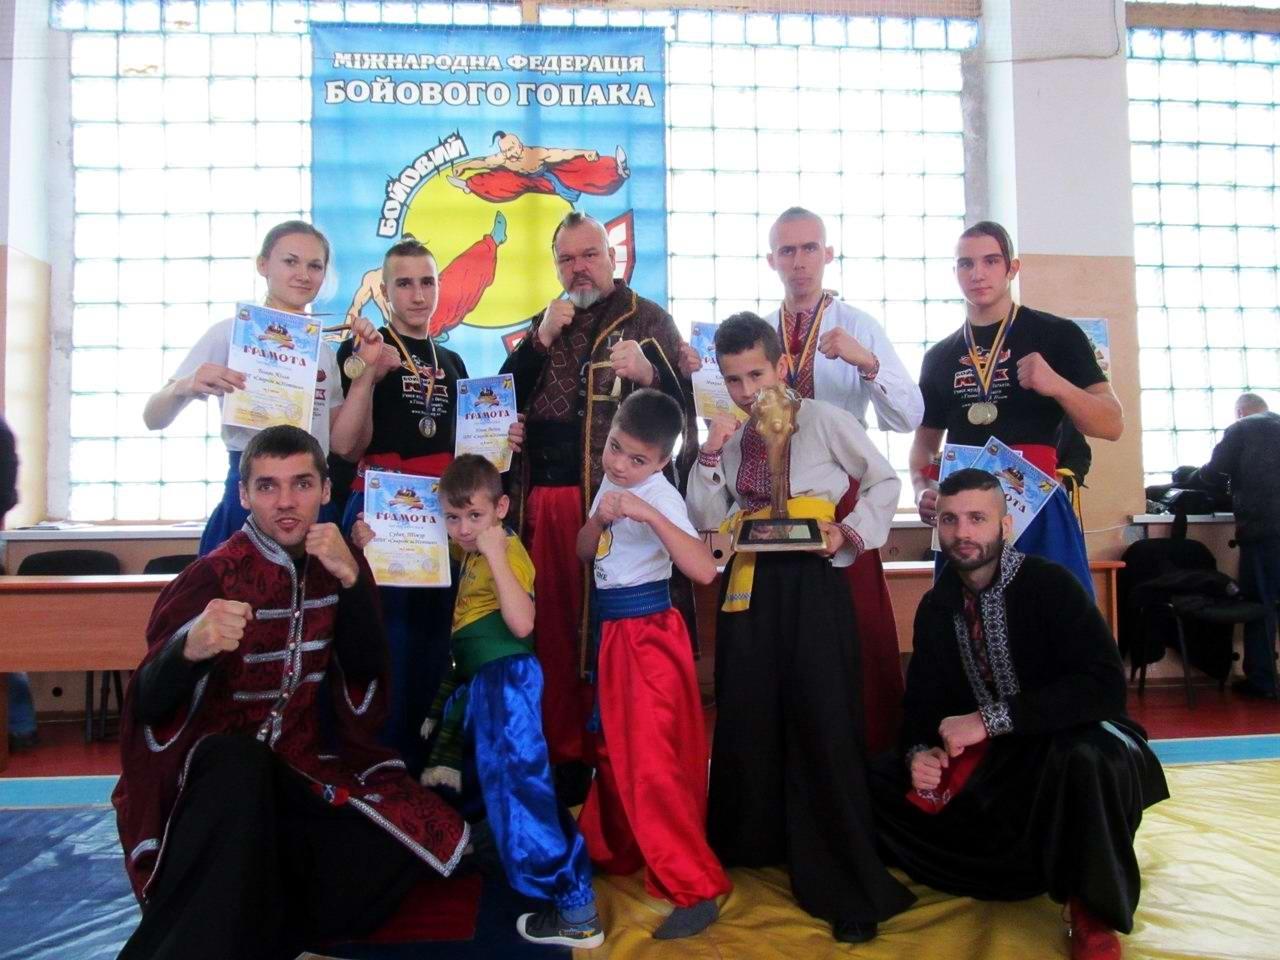 Квалификационный групповой экзамен в школе боевого гопака города Нетешин (Хмельницкая область) (35)